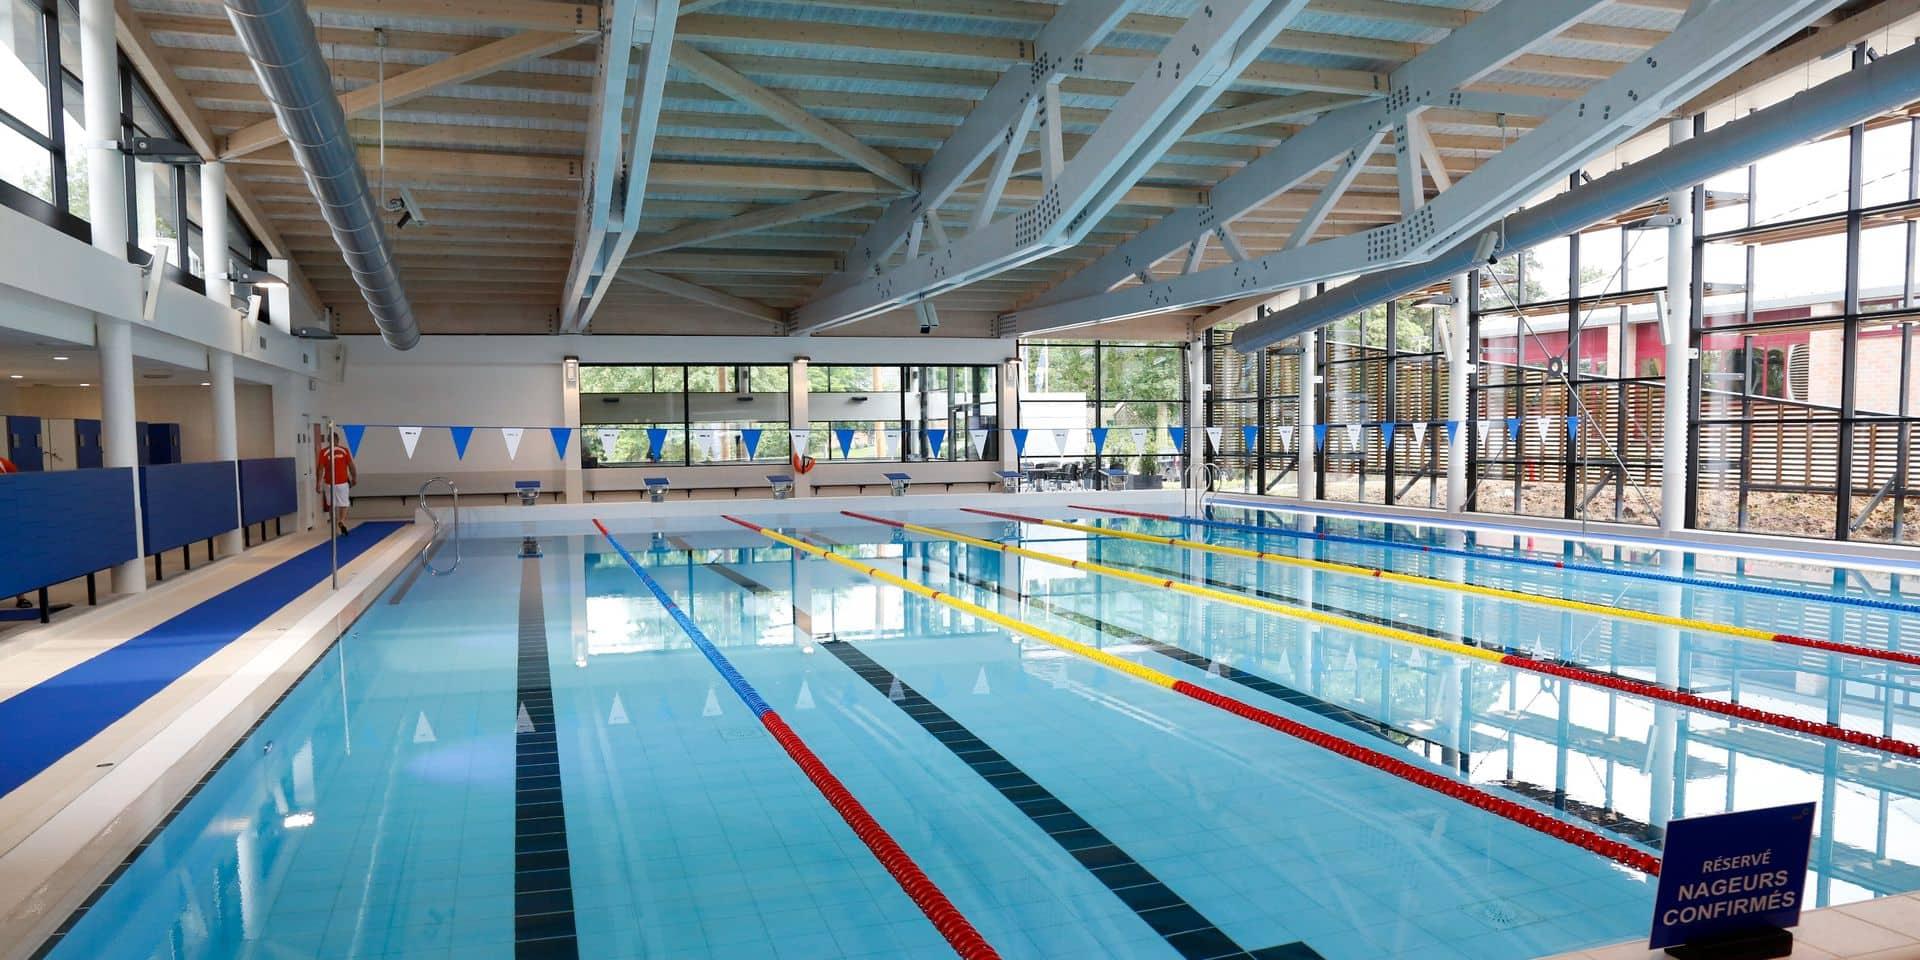 Braine-le-Comte: le bassin de natation rouvre ce samedi 2 octobre